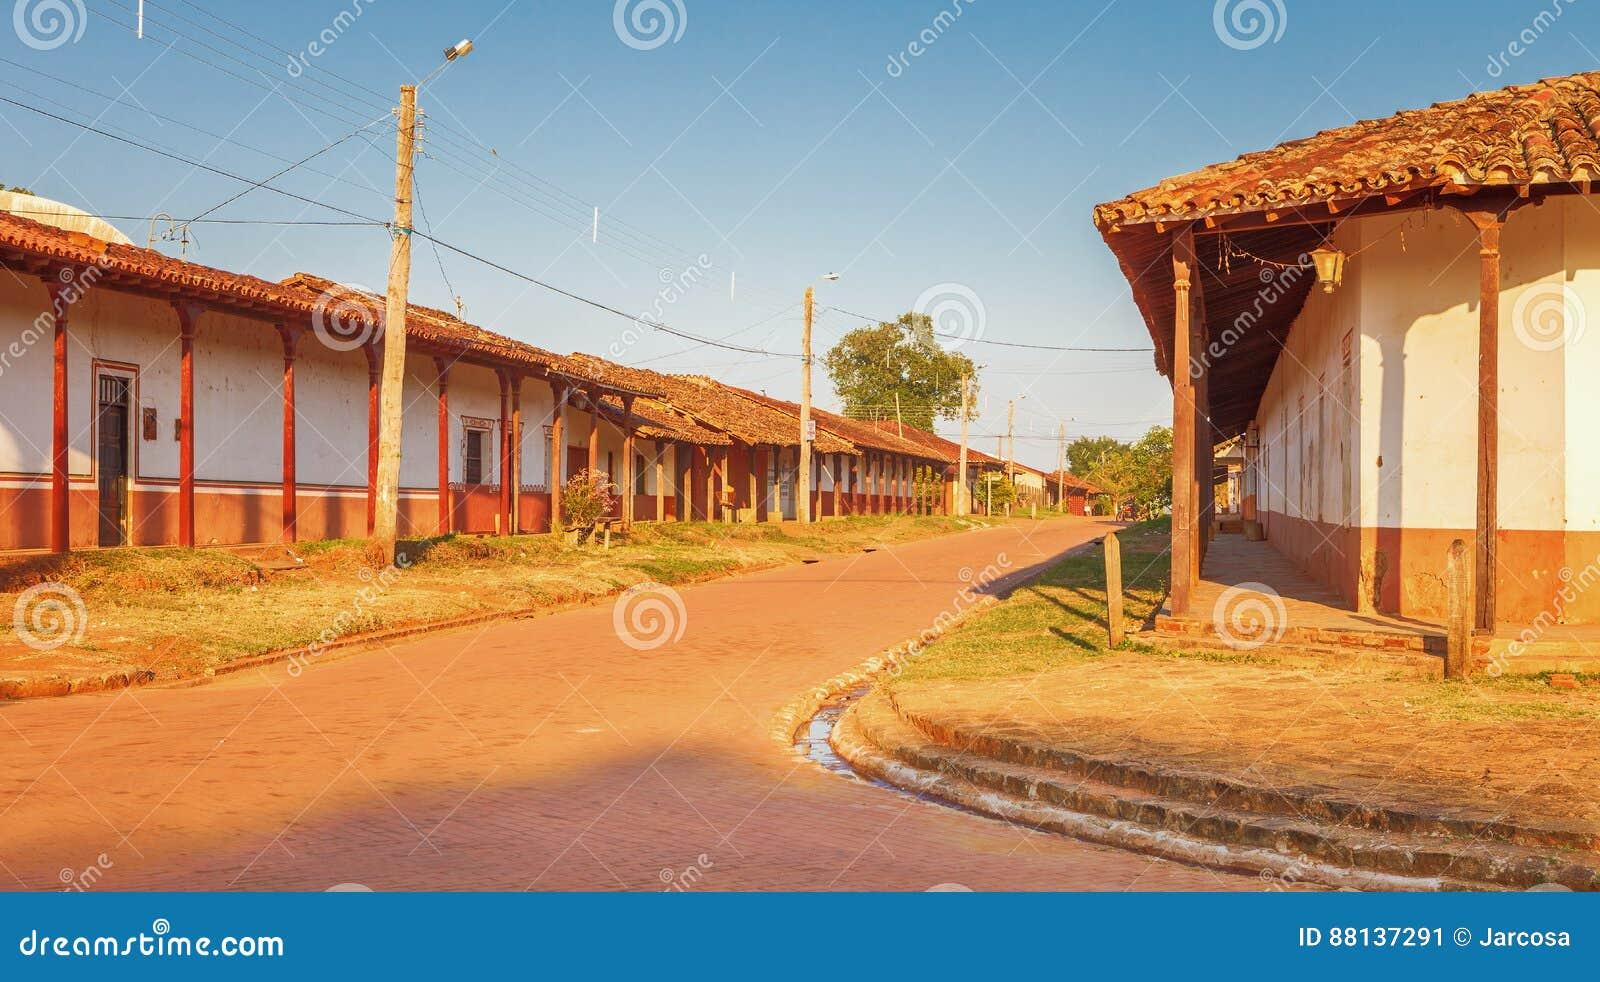 Улица в деревне Консепсьоне, полетах иезуита в зону Chiquitos, Боливию